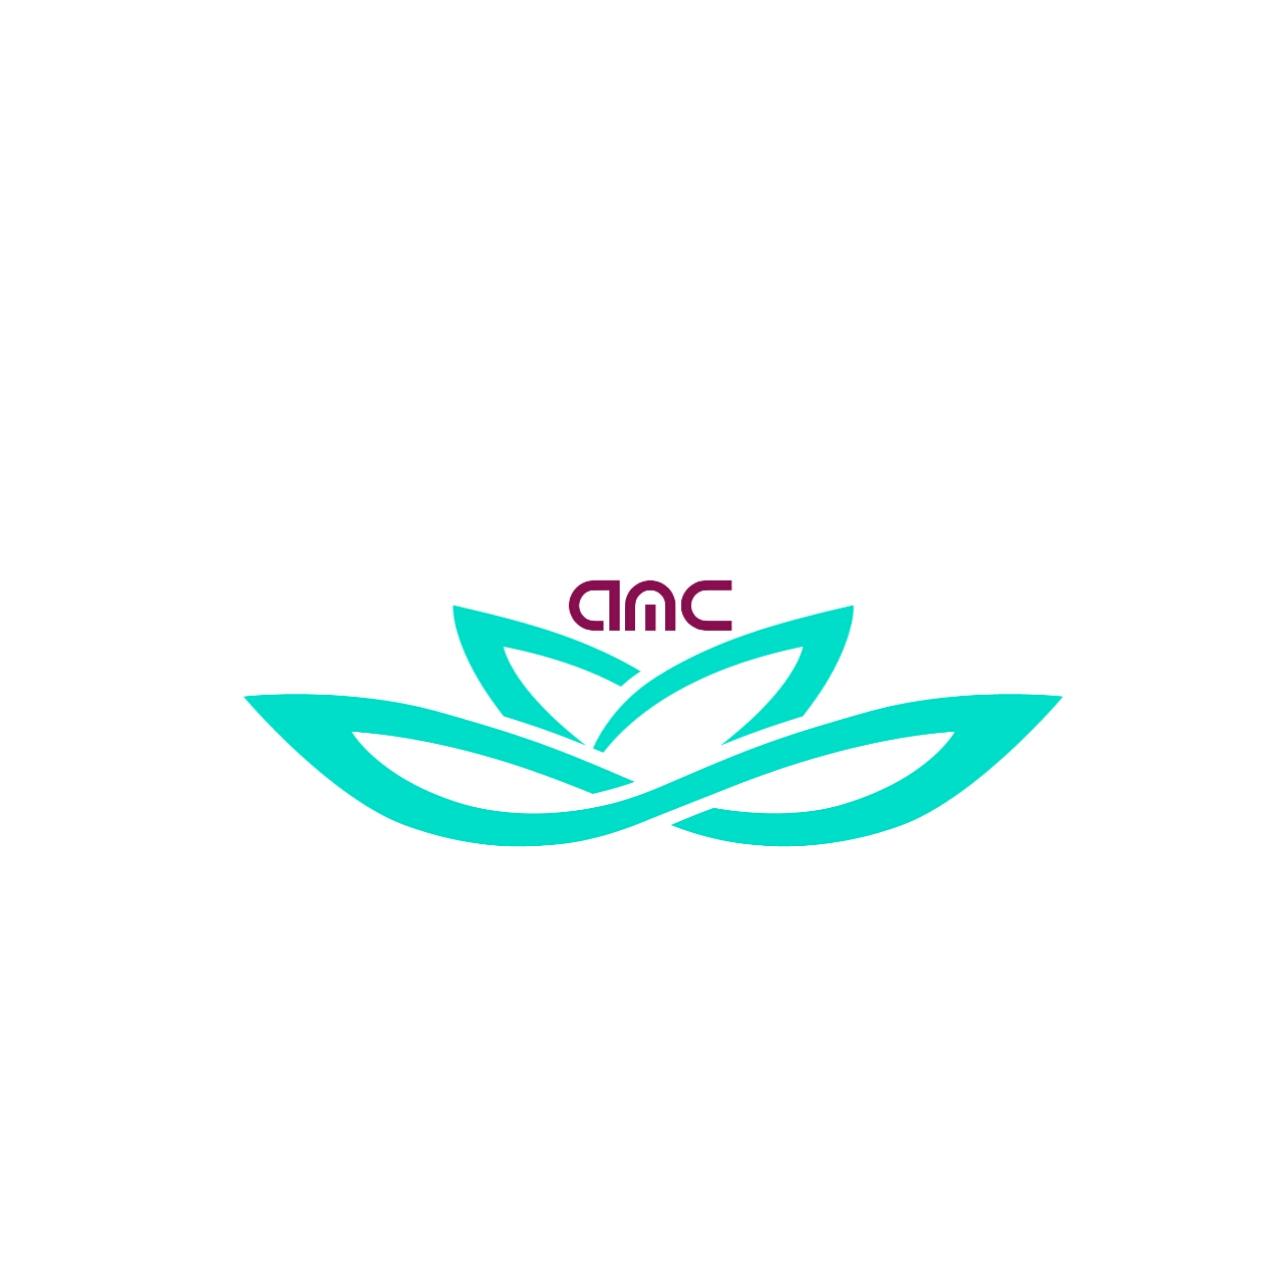 Логотип для медицинского центра (клиники)  фото f_0825b9cd81b1dbf5.jpg